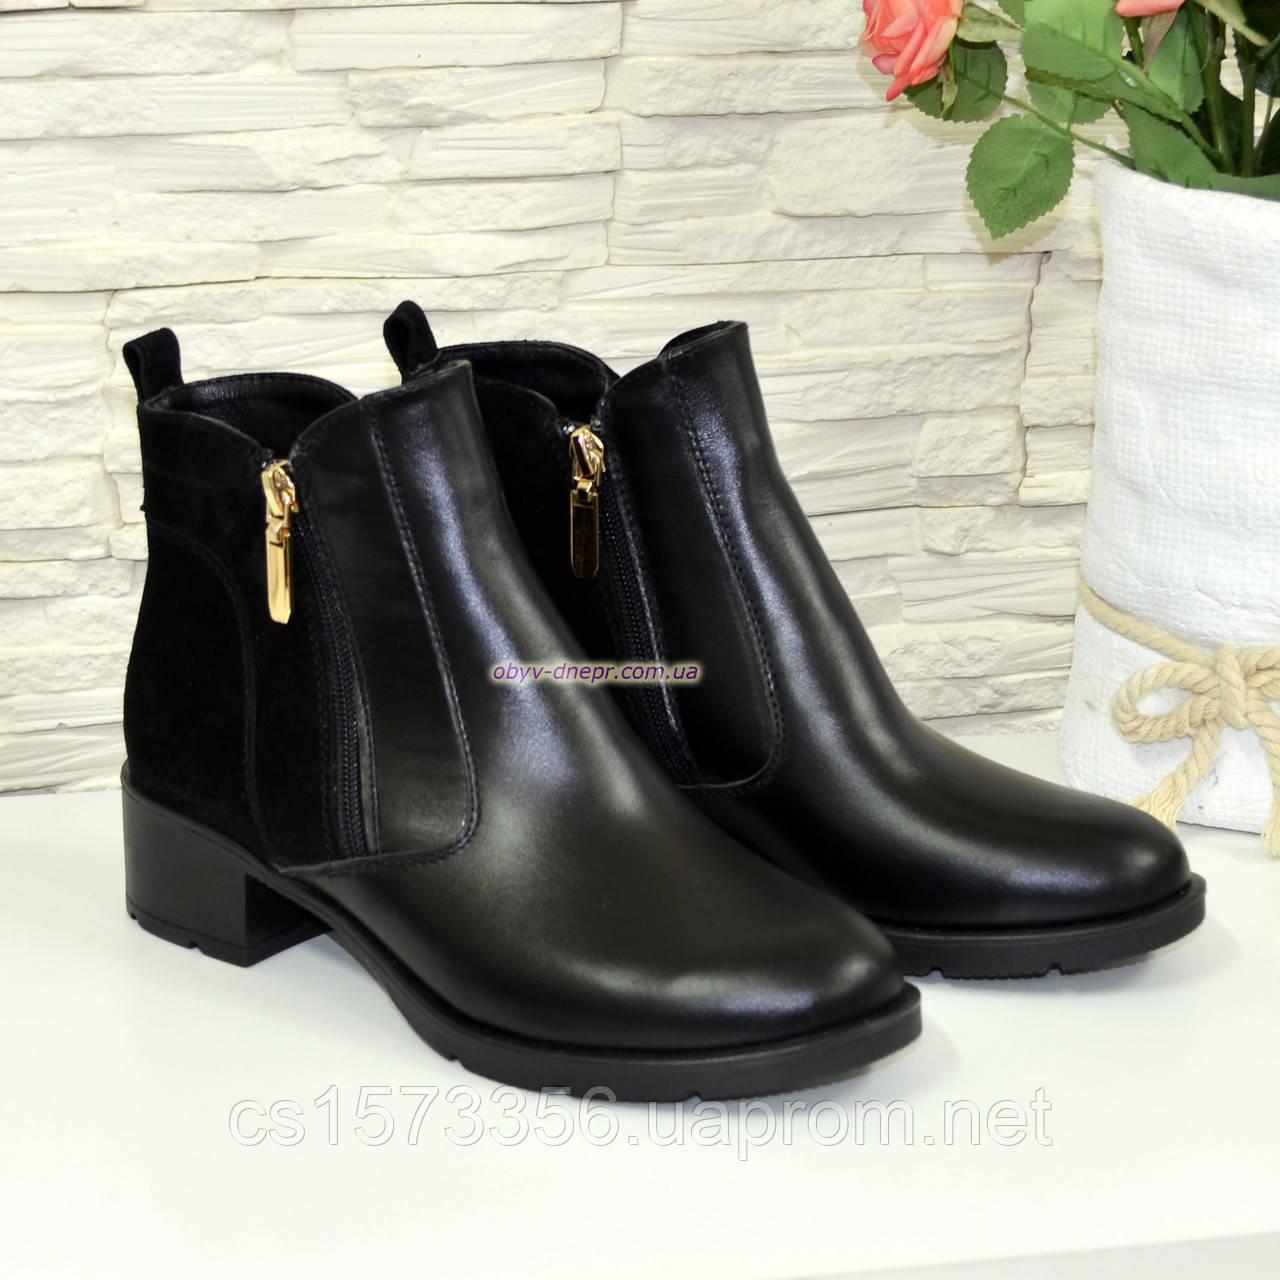 765c618ee Ботинки женские зимние на устойчивом каблуке, натуральная кожа и замша